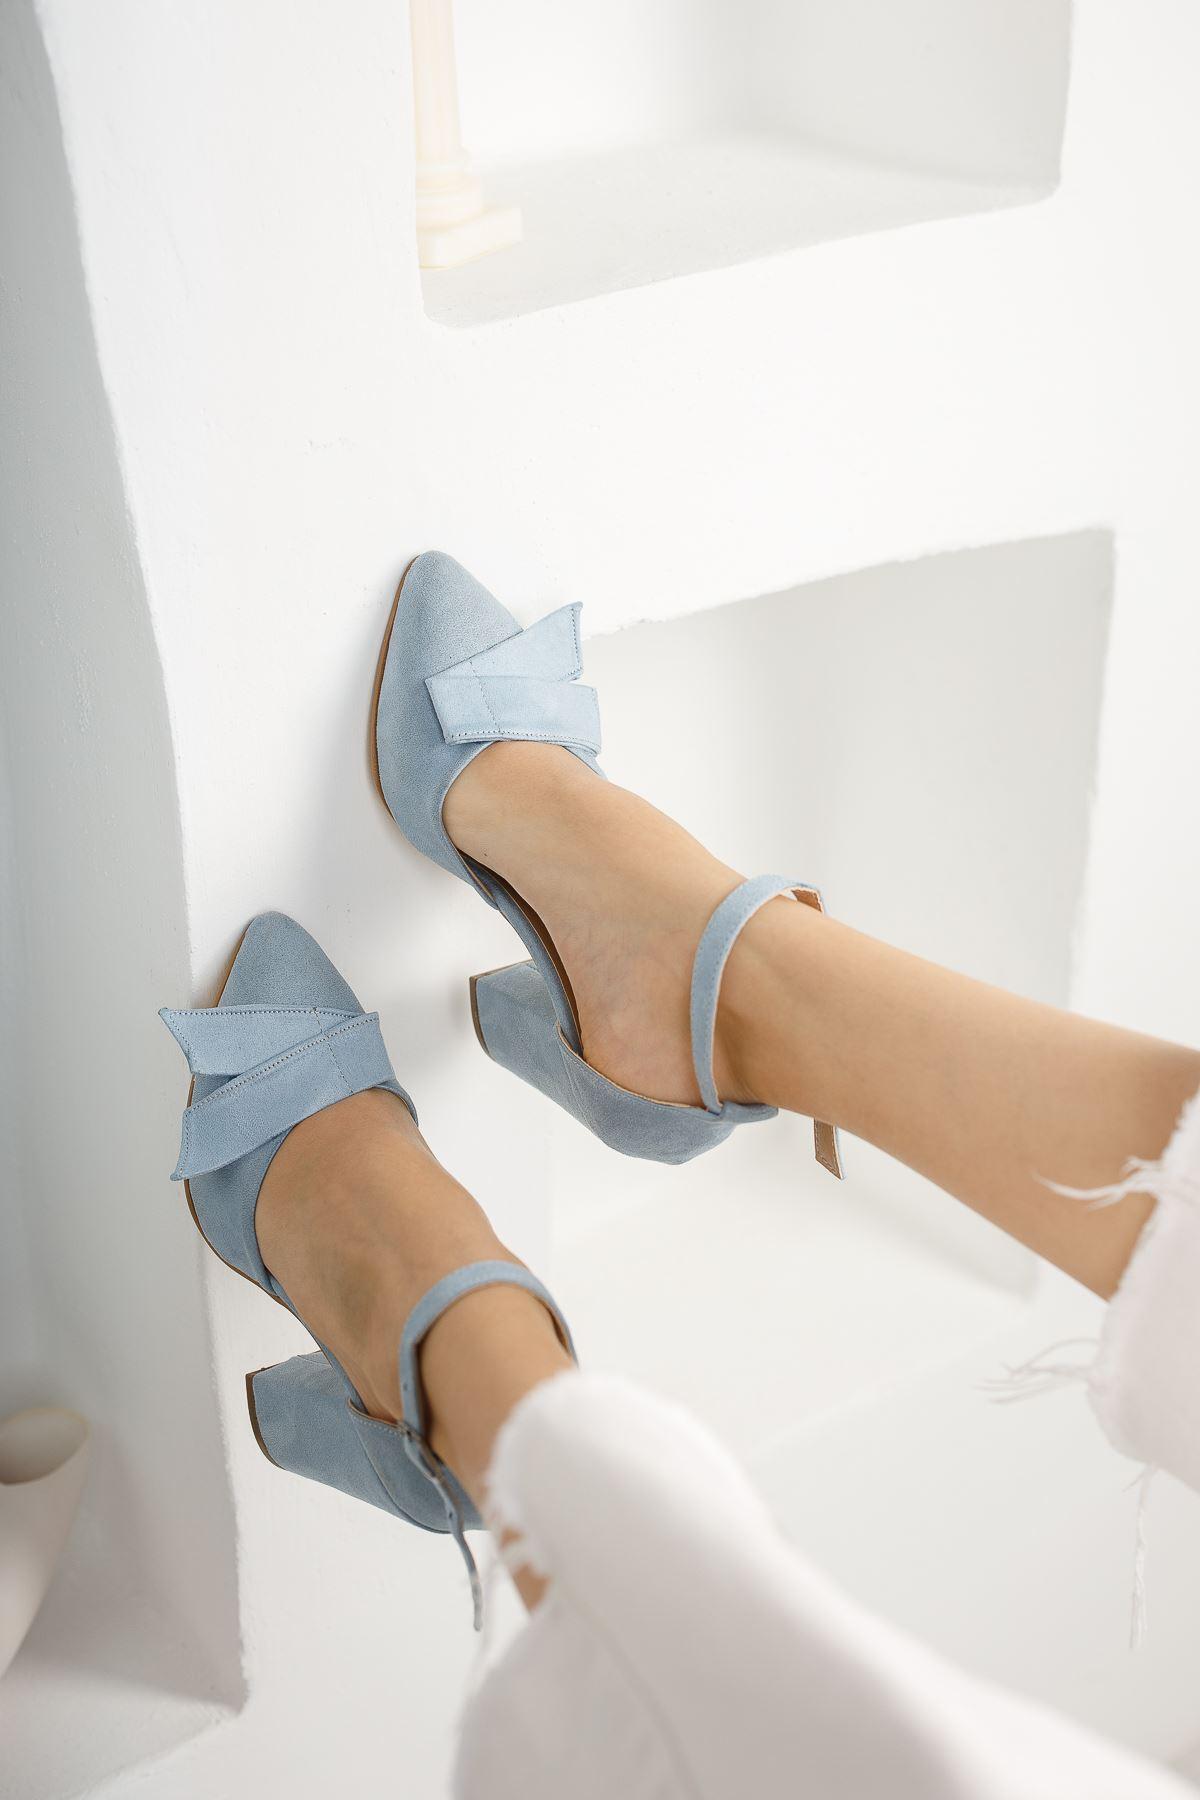 Kadın Cines Kalın Topuklu Sivri Burun Yüksek Topuklu Bebe Mavi Süet Ayakkabı